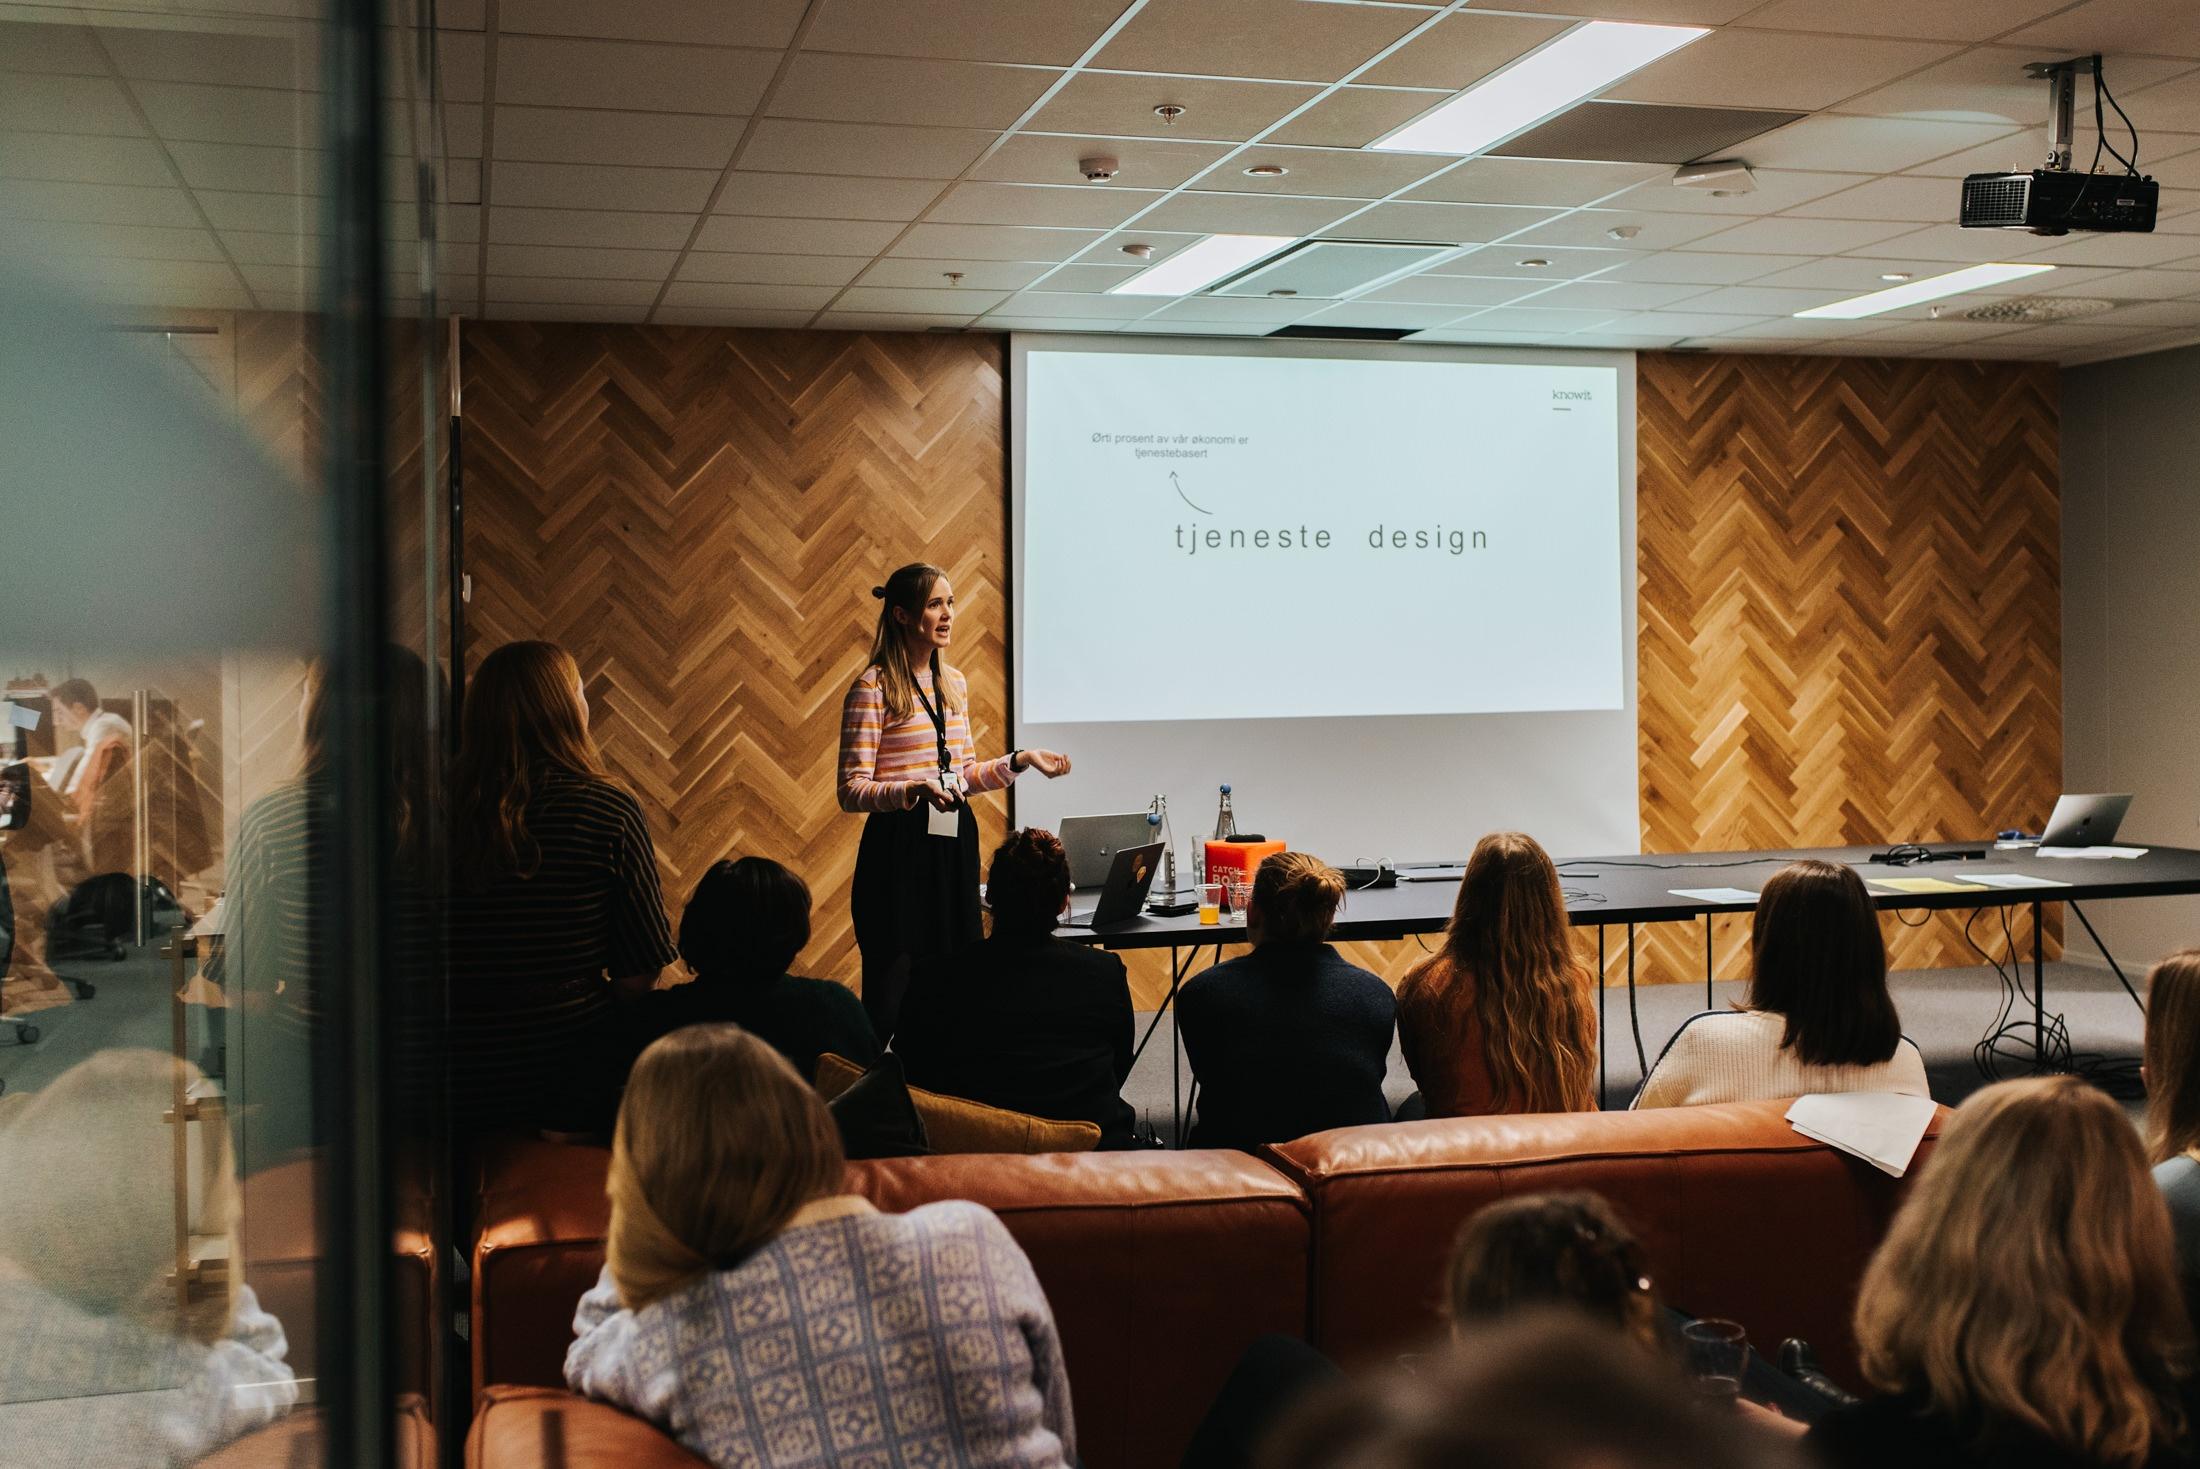 Miriam Stranquist forklarer hva tjenesedesign er